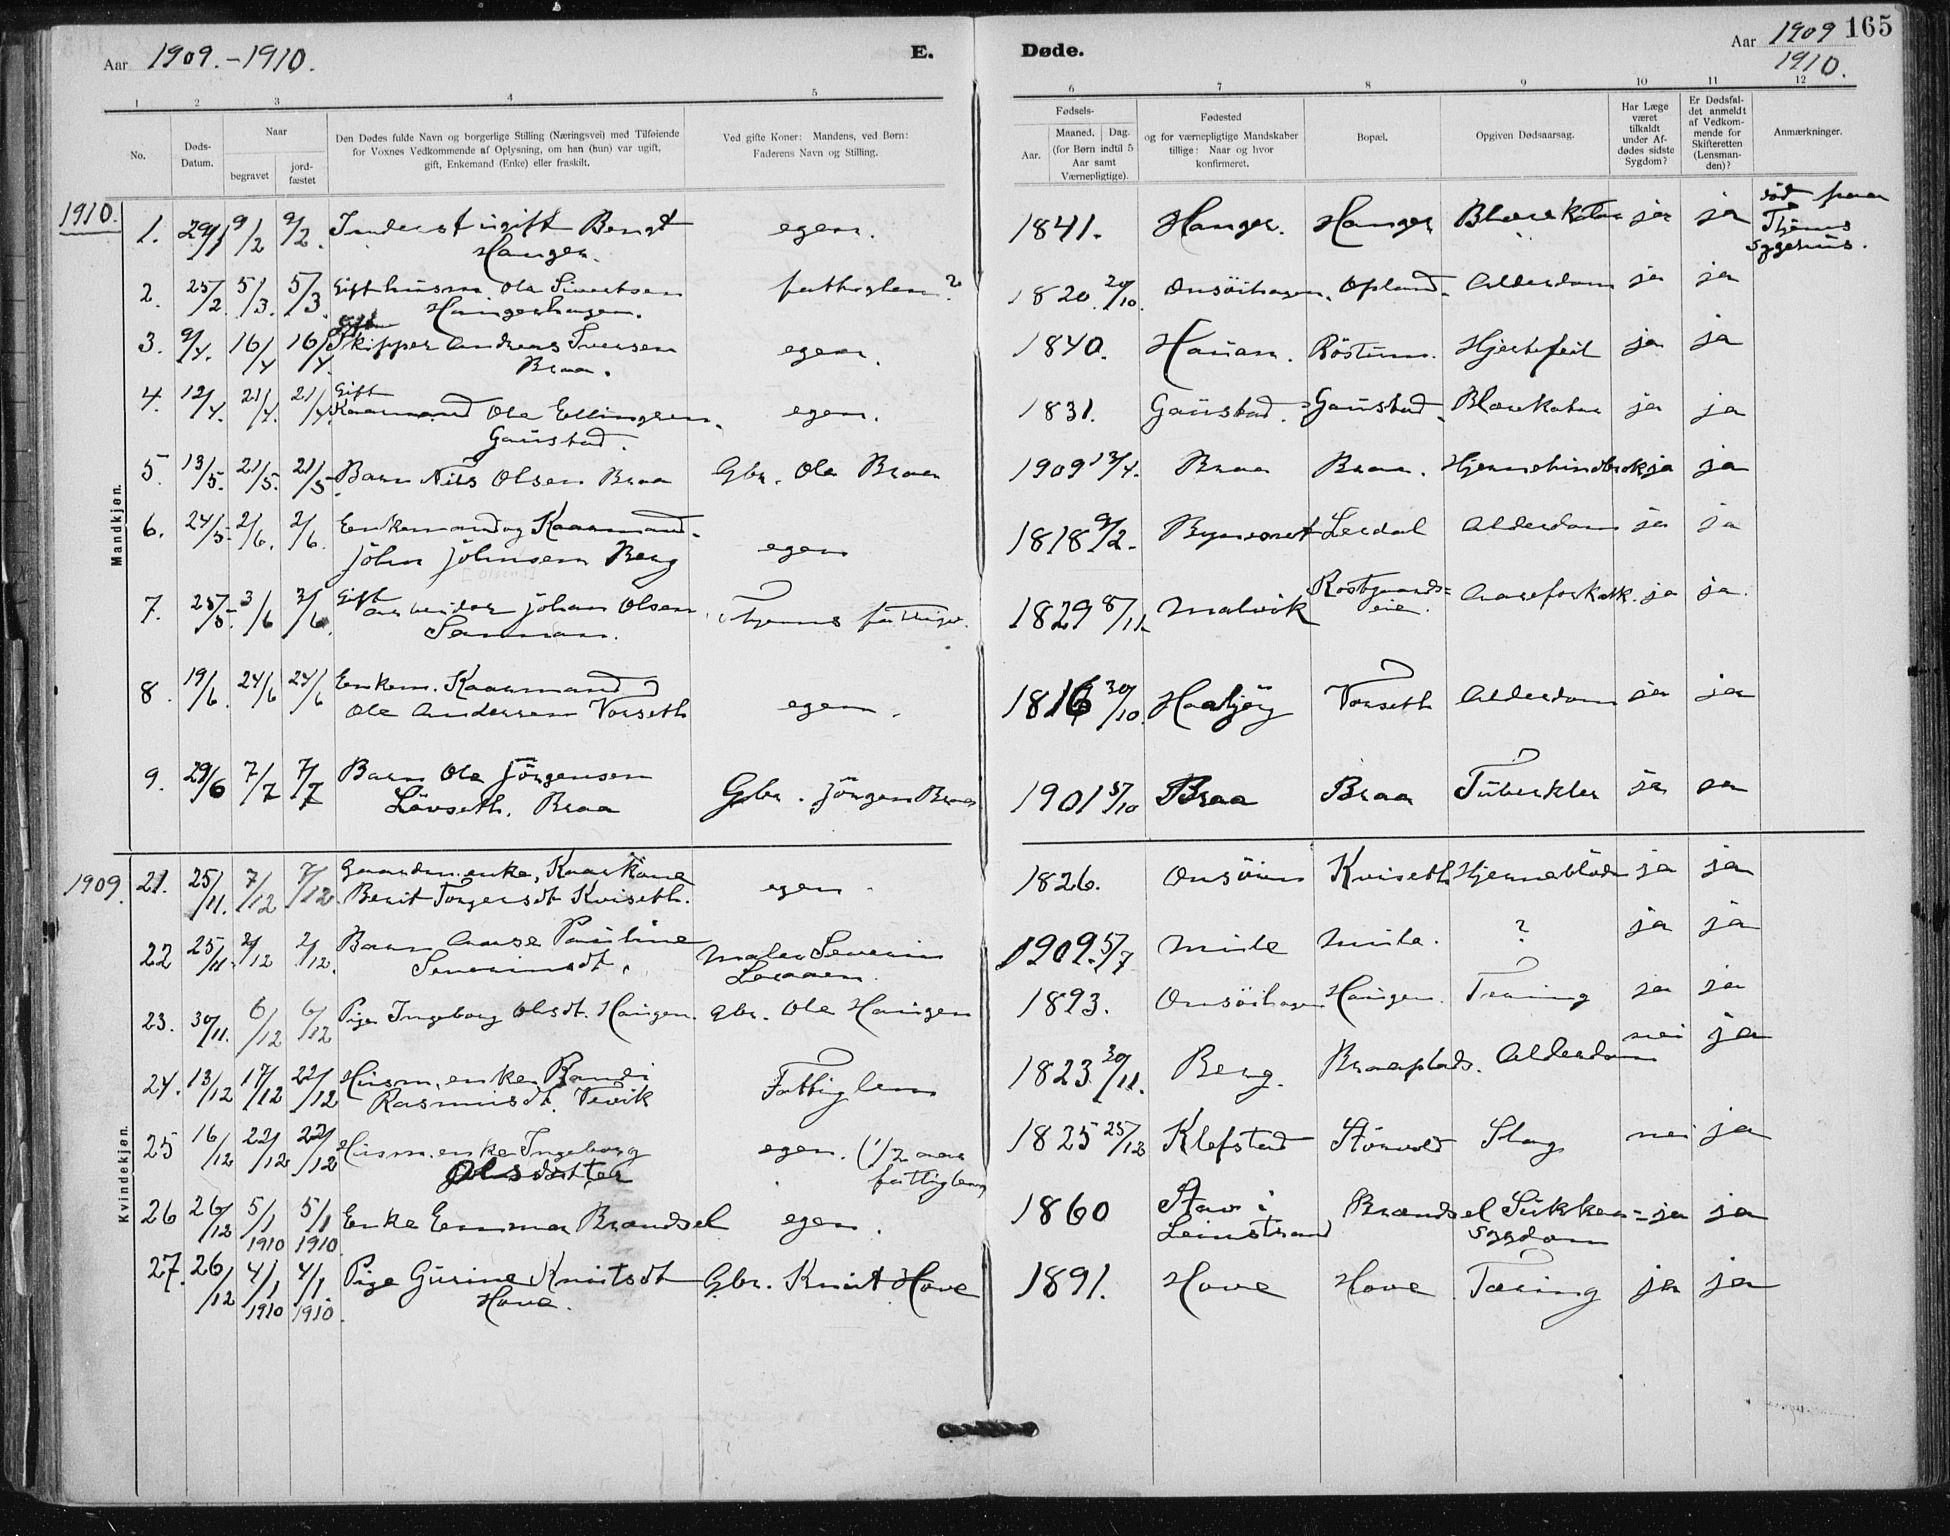 SAT, Ministerialprotokoller, klokkerbøker og fødselsregistre - Sør-Trøndelag, 612/L0381: Ministerialbok nr. 612A13, 1907-1923, s. 165